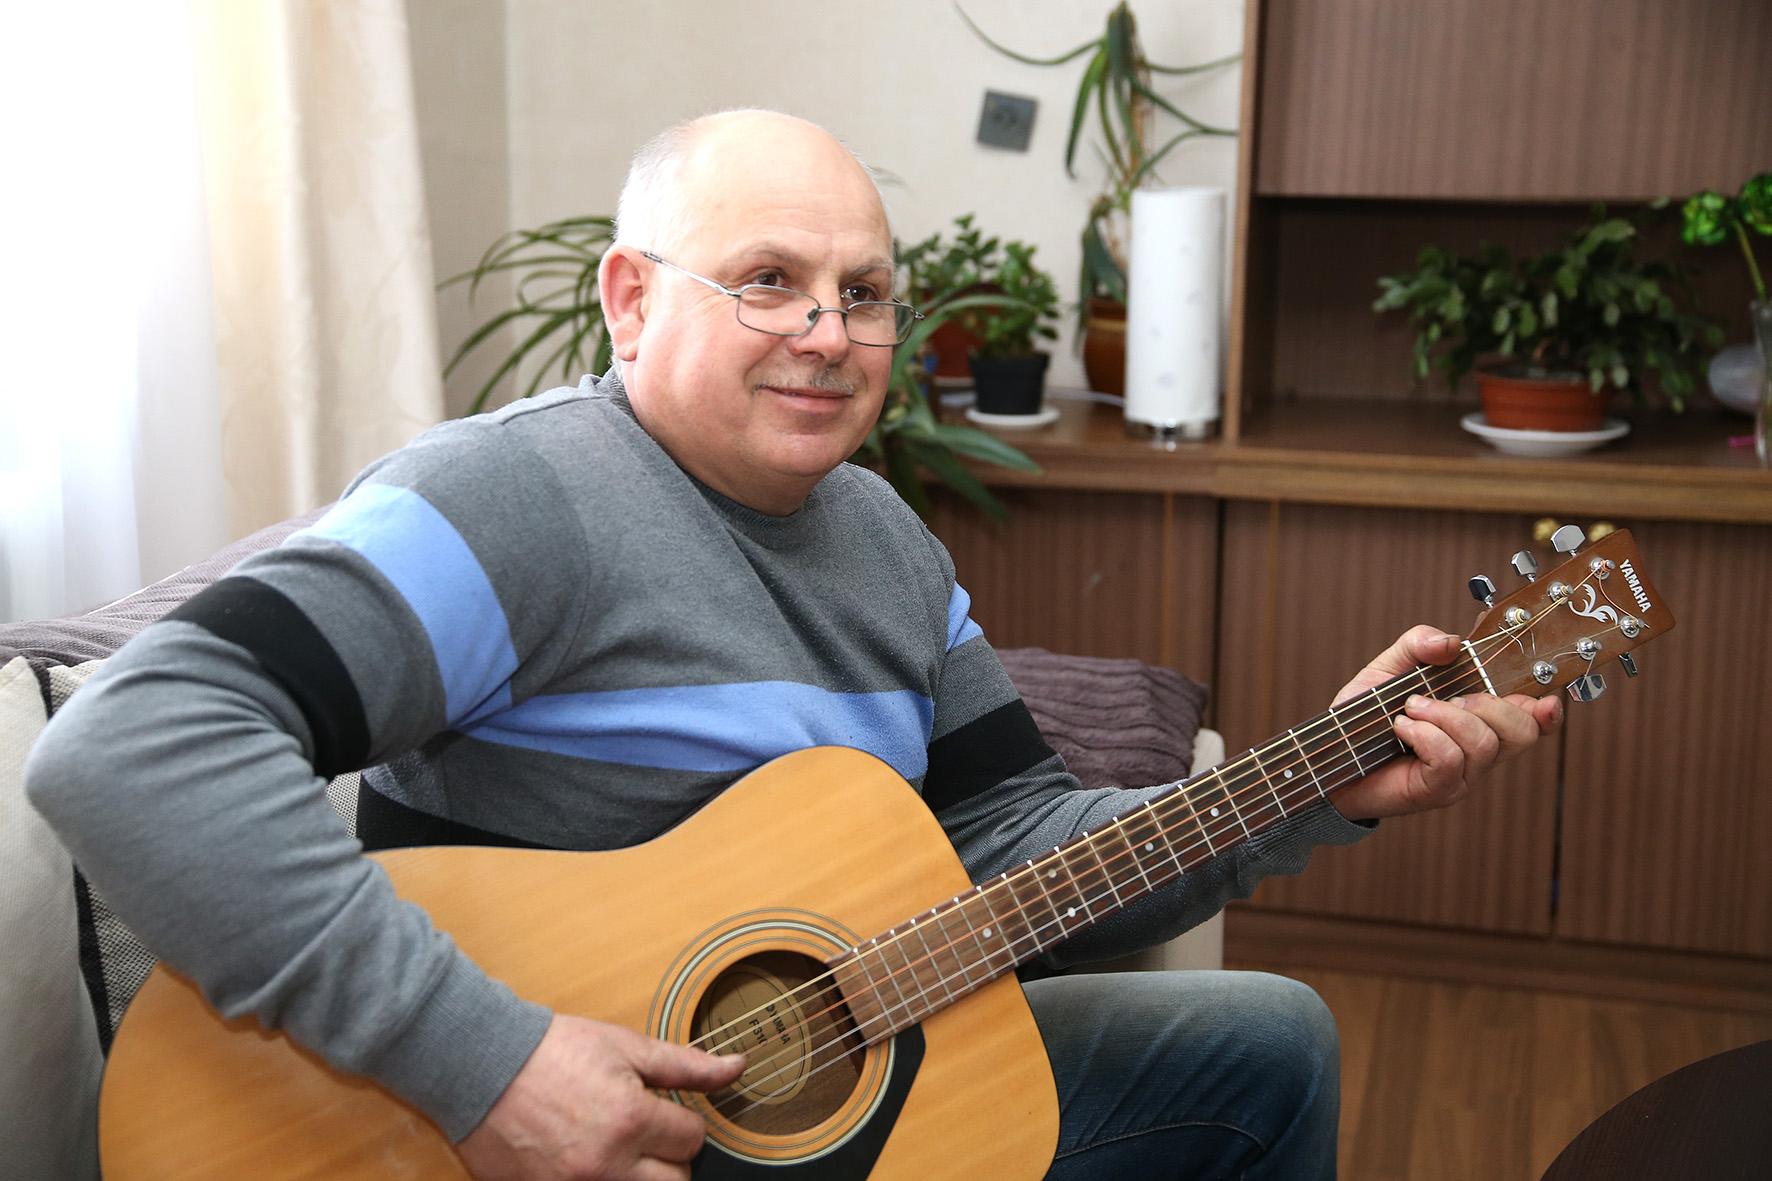 Auksarankis mėgsta groti gitara. Mielai užtraukia dainą šeimos ar draugų rate. Vyriškiui gitara visados po ranka – ji garbingai pastatyta svetainėje. Algimanto Barzdžiaus nuotr.